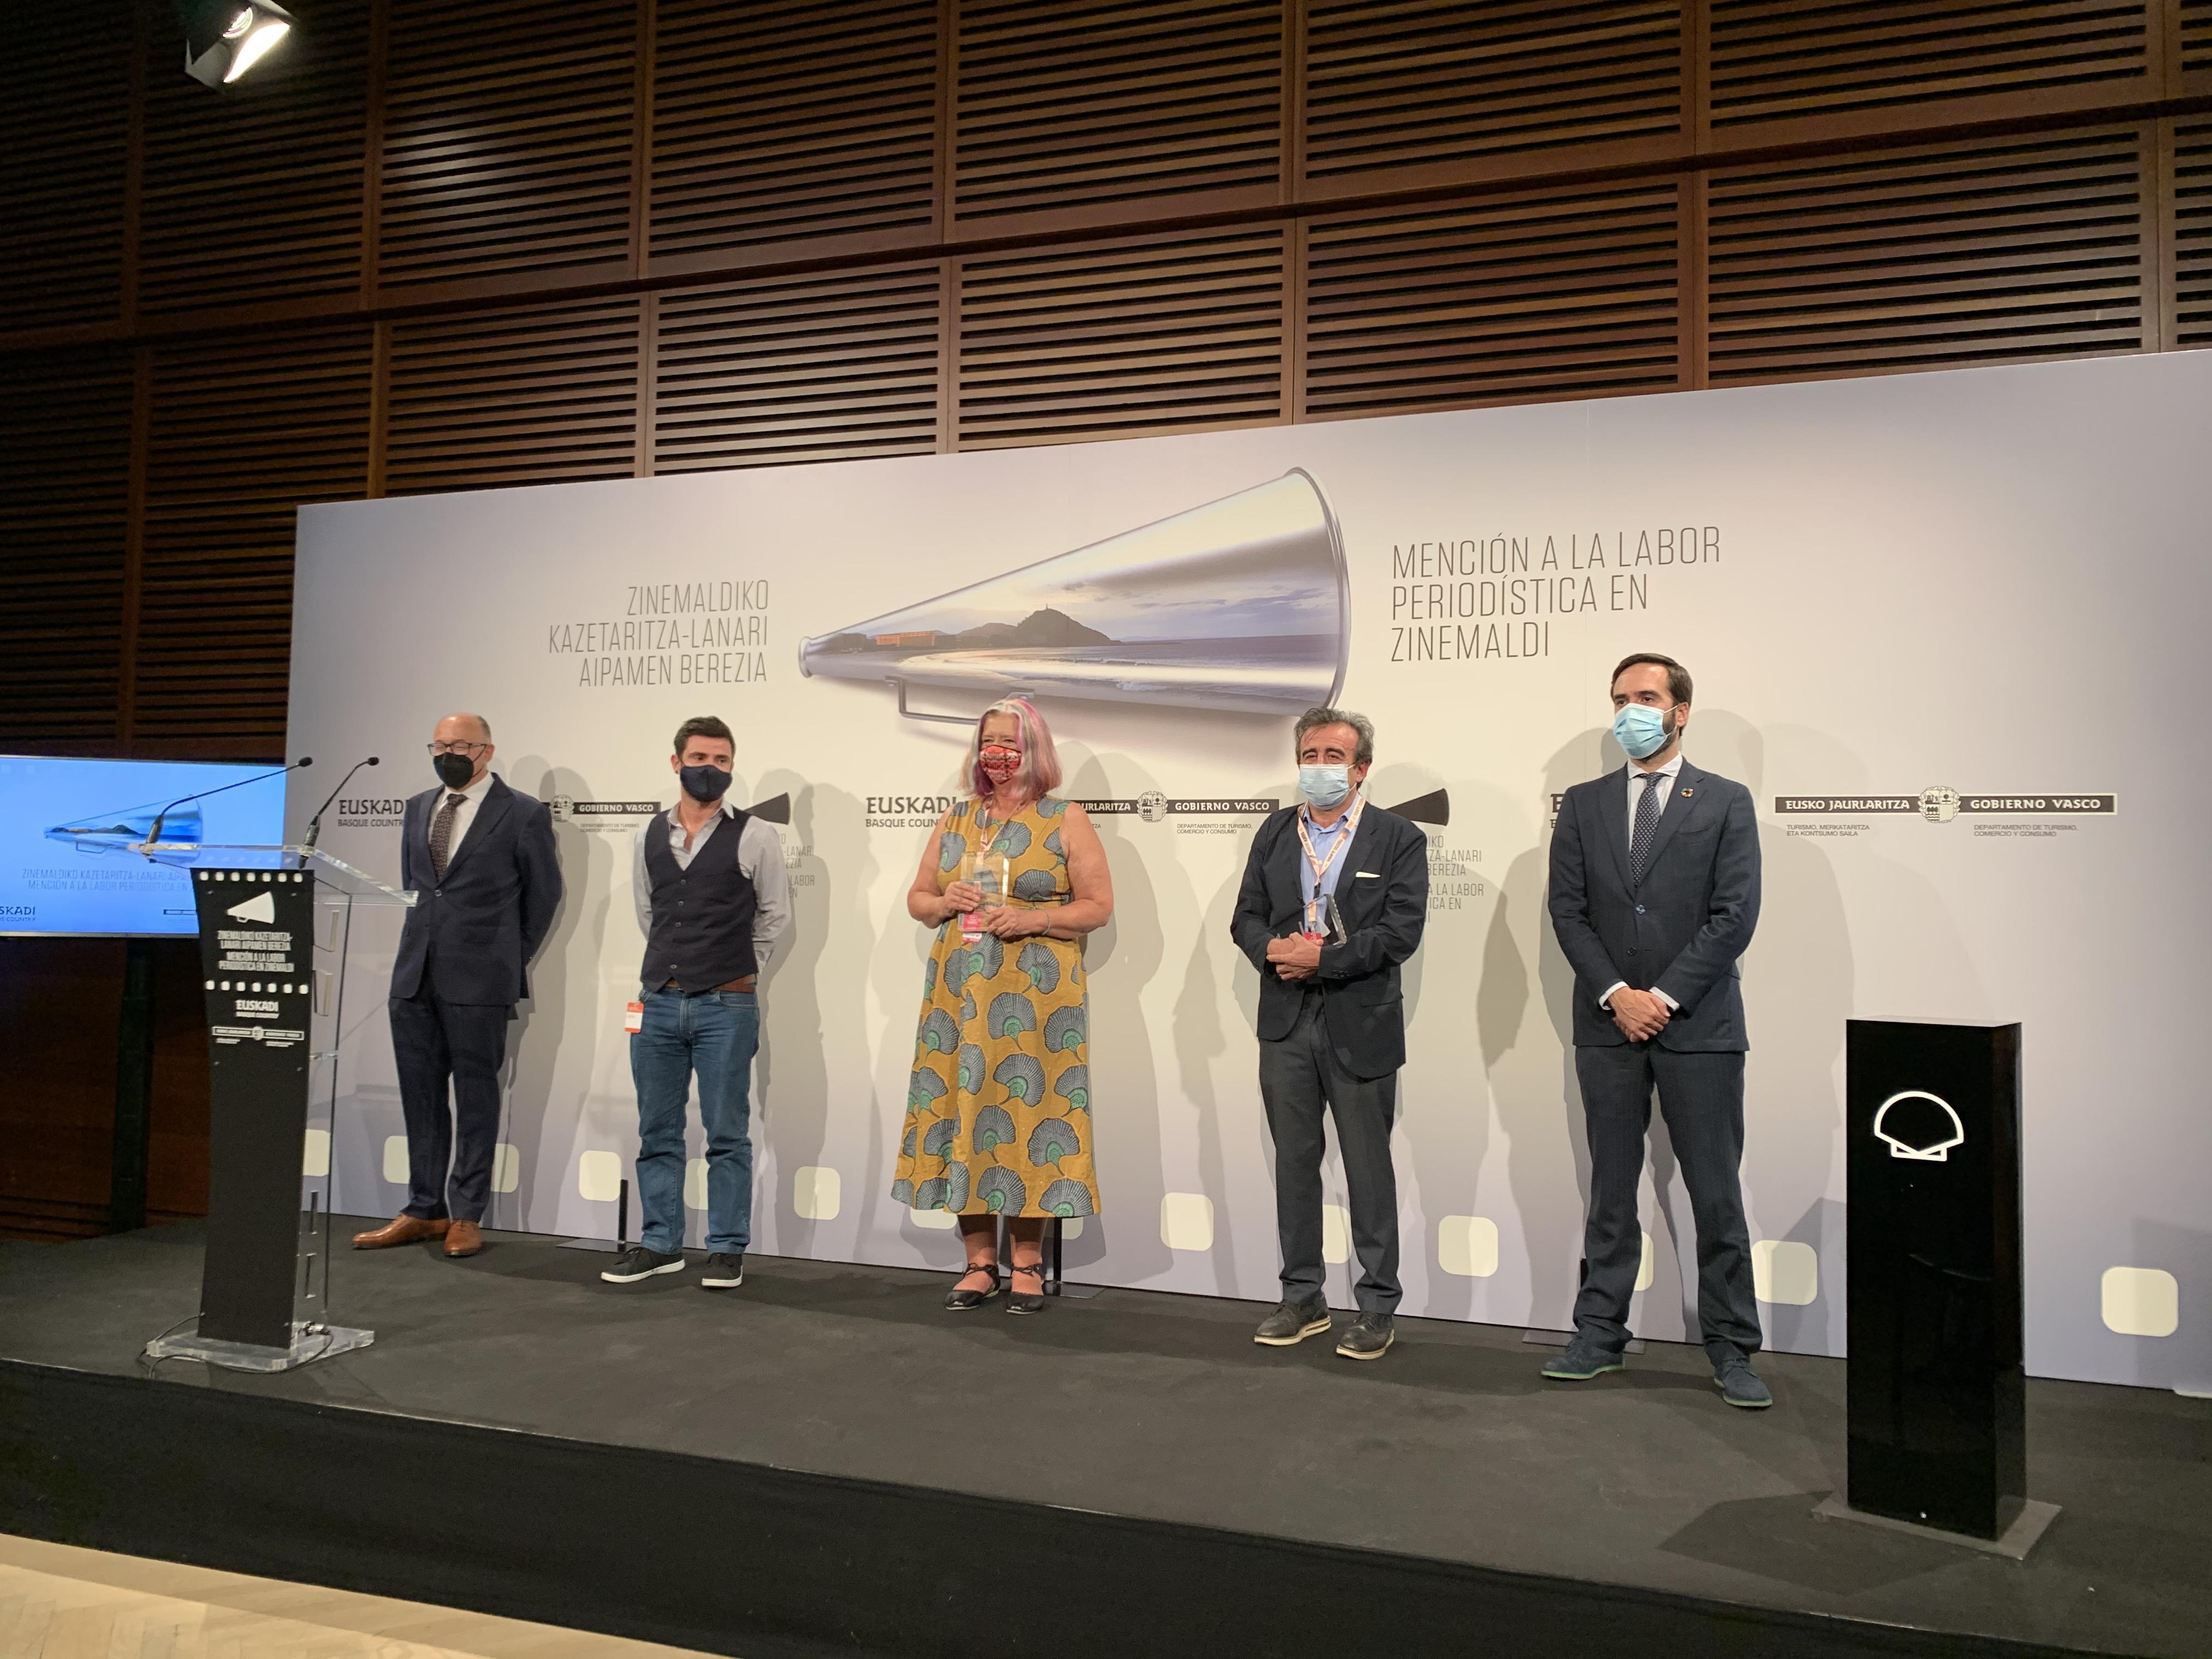 """El Consejero Javier Hurtado entrega la """"Mención a la labor periodística en Zinemaldia"""" a los críticos cinematográficos Oti Rodríguez y Stephanie Bunbury [0:00]"""